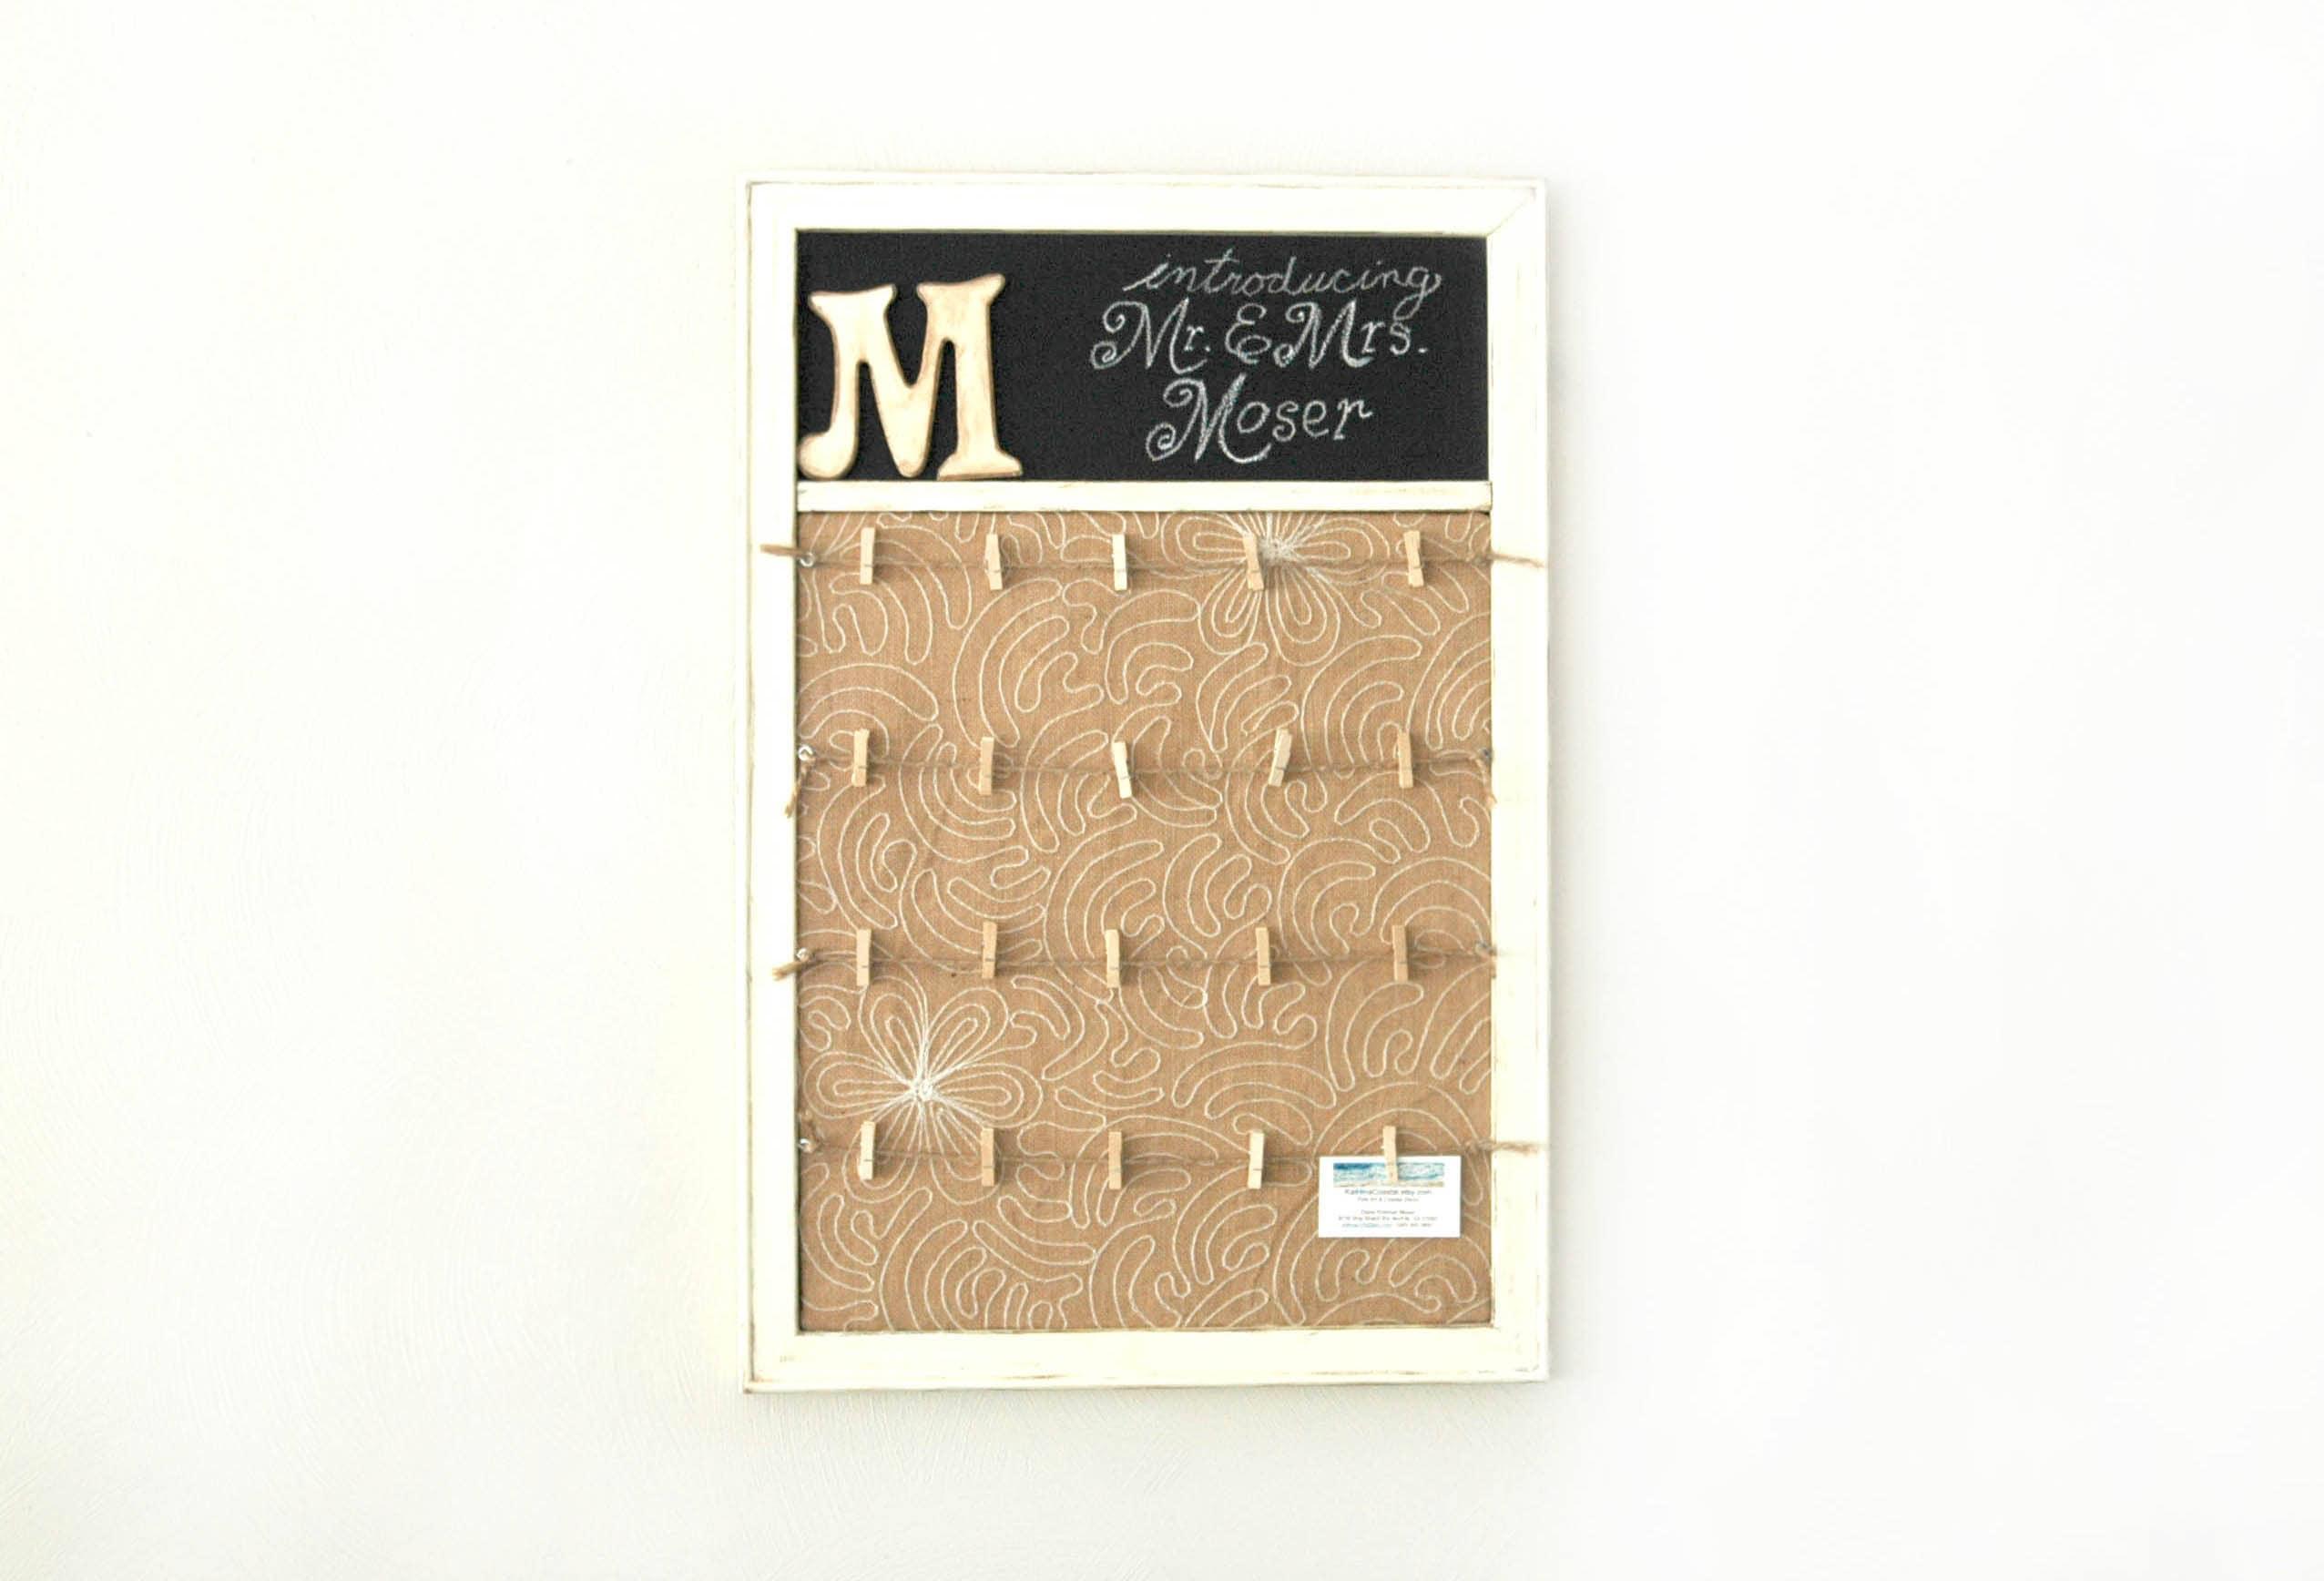 Hochzeit-Speicher-Karte Wäscheklammer Bilderrahmen & Tafel | Etsy